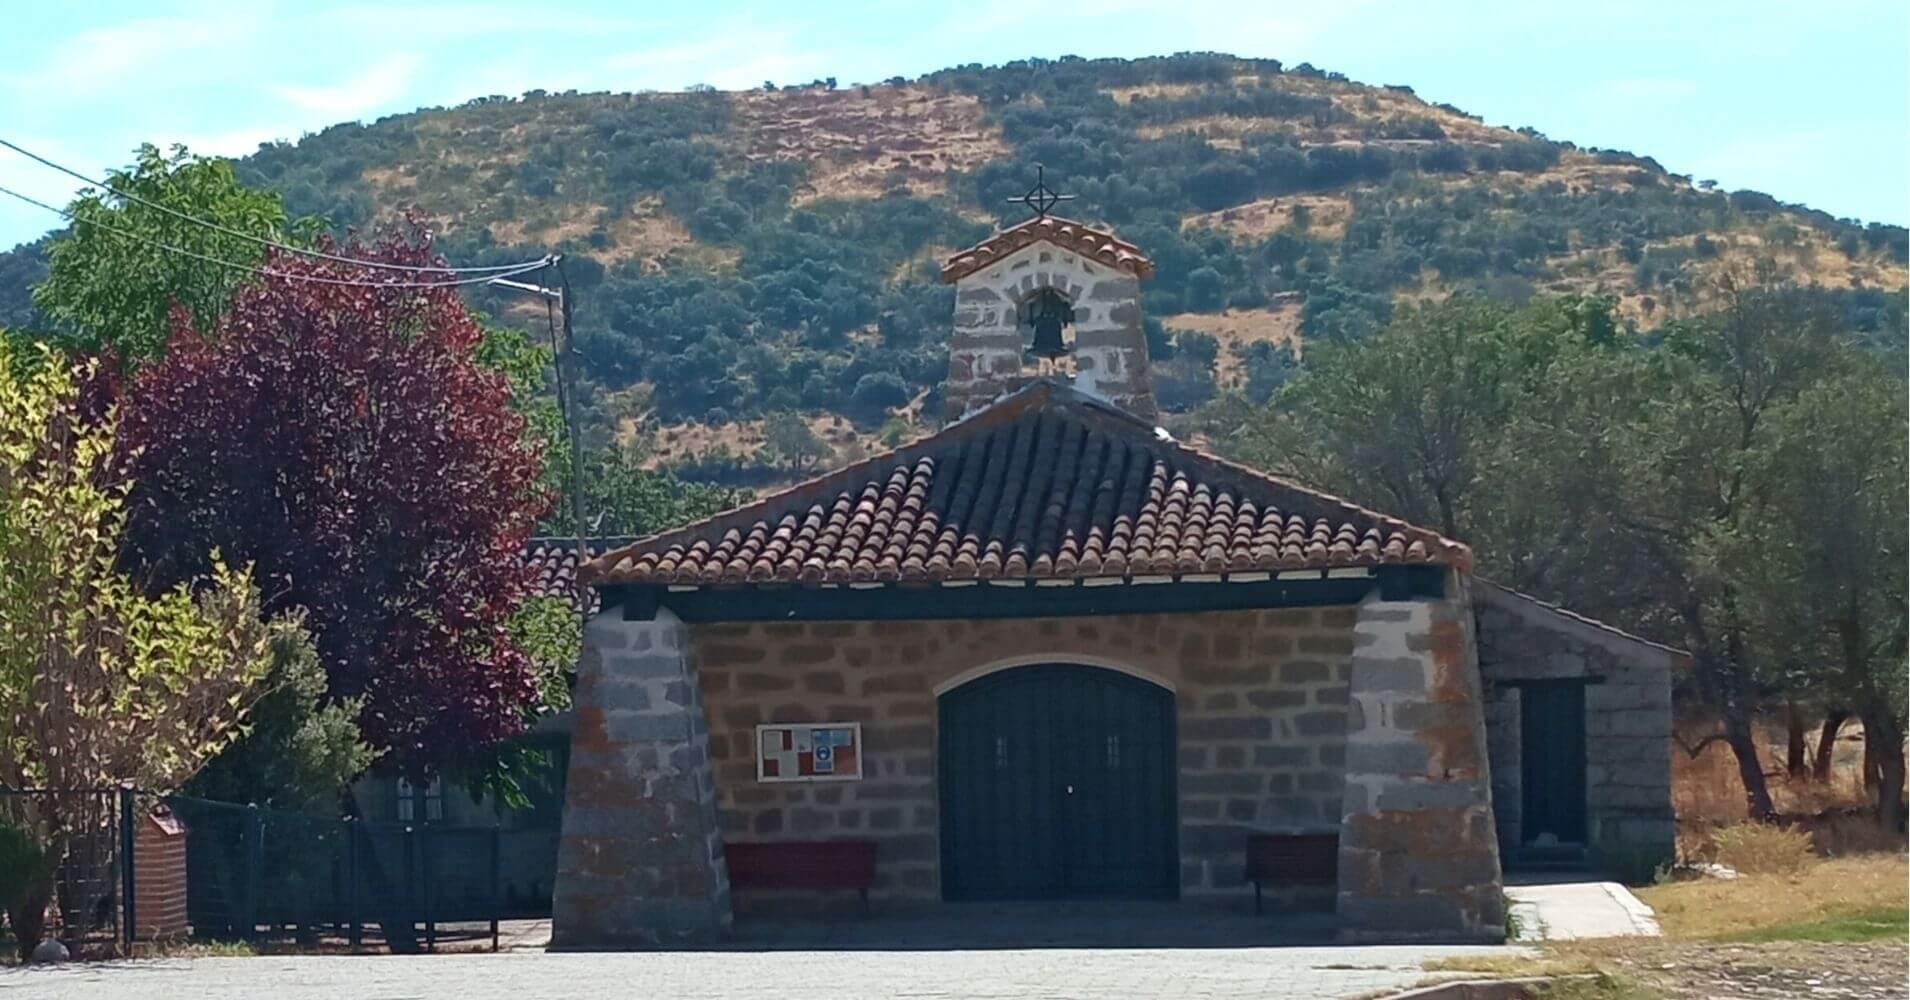 Iglesia Parroquial Virgen de La Candelaria. Las Navillas, Toledo. Castilla la Mancha.